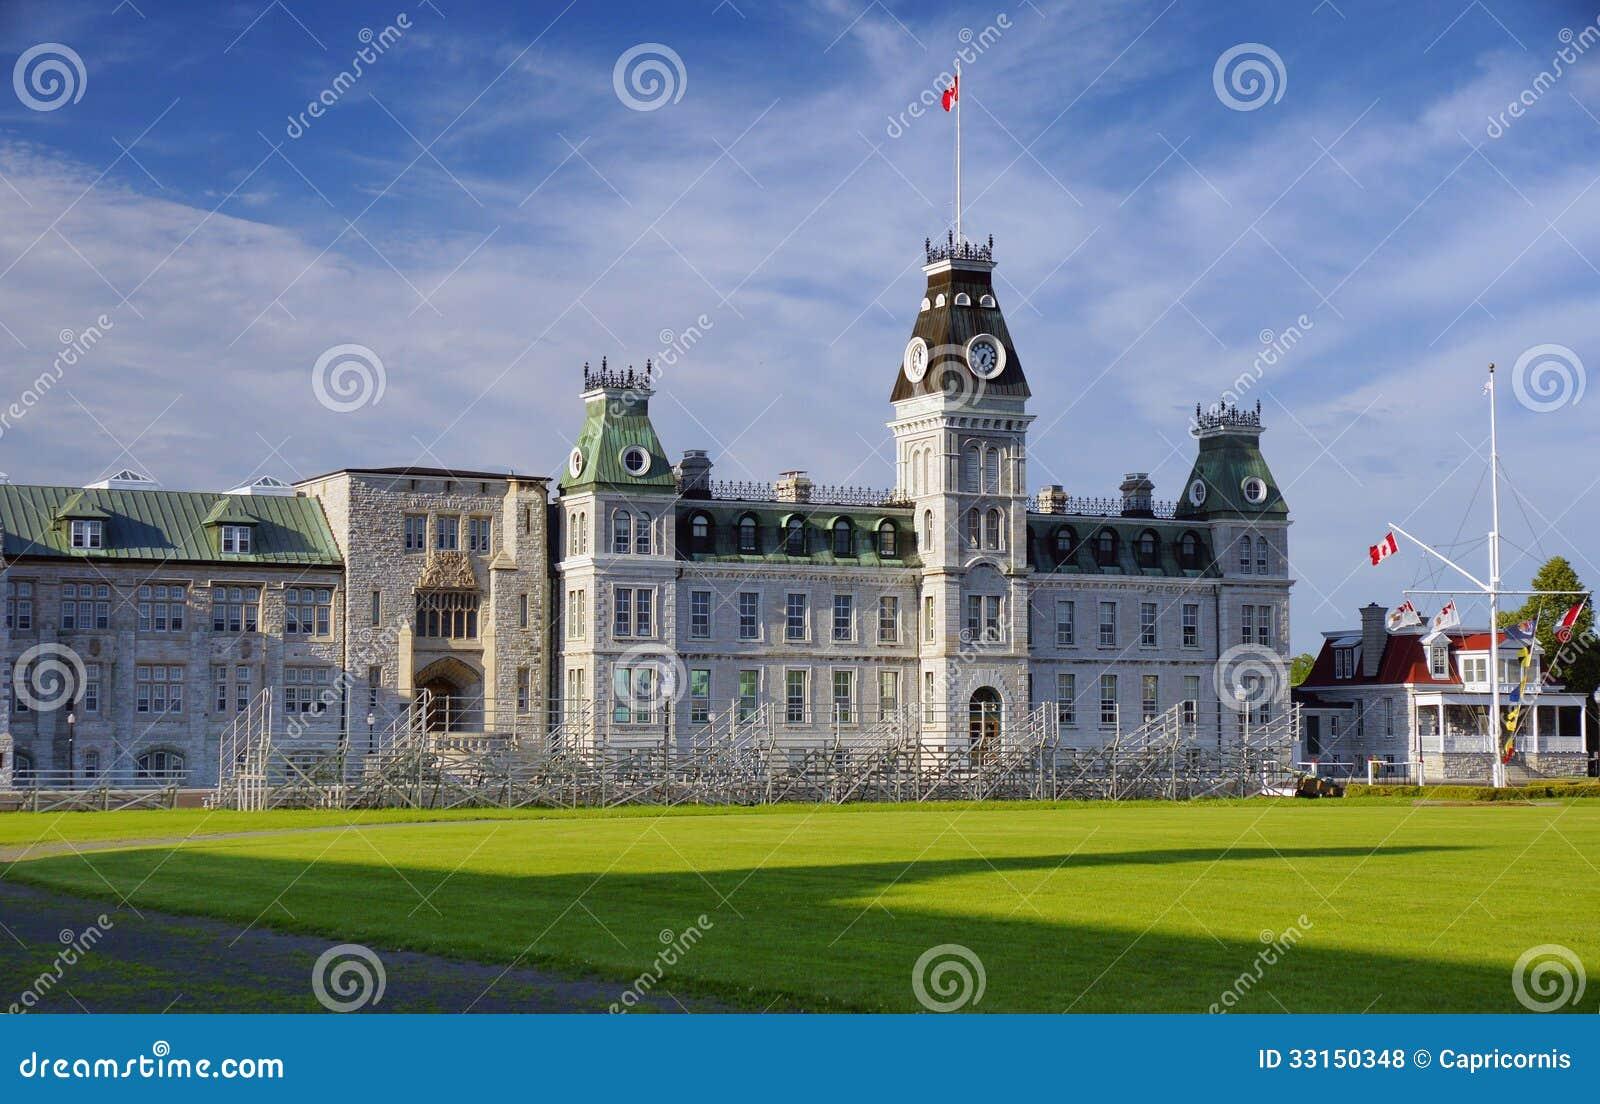 Istituto universitario militare canadese reale Kingston Ontario Public Educatio